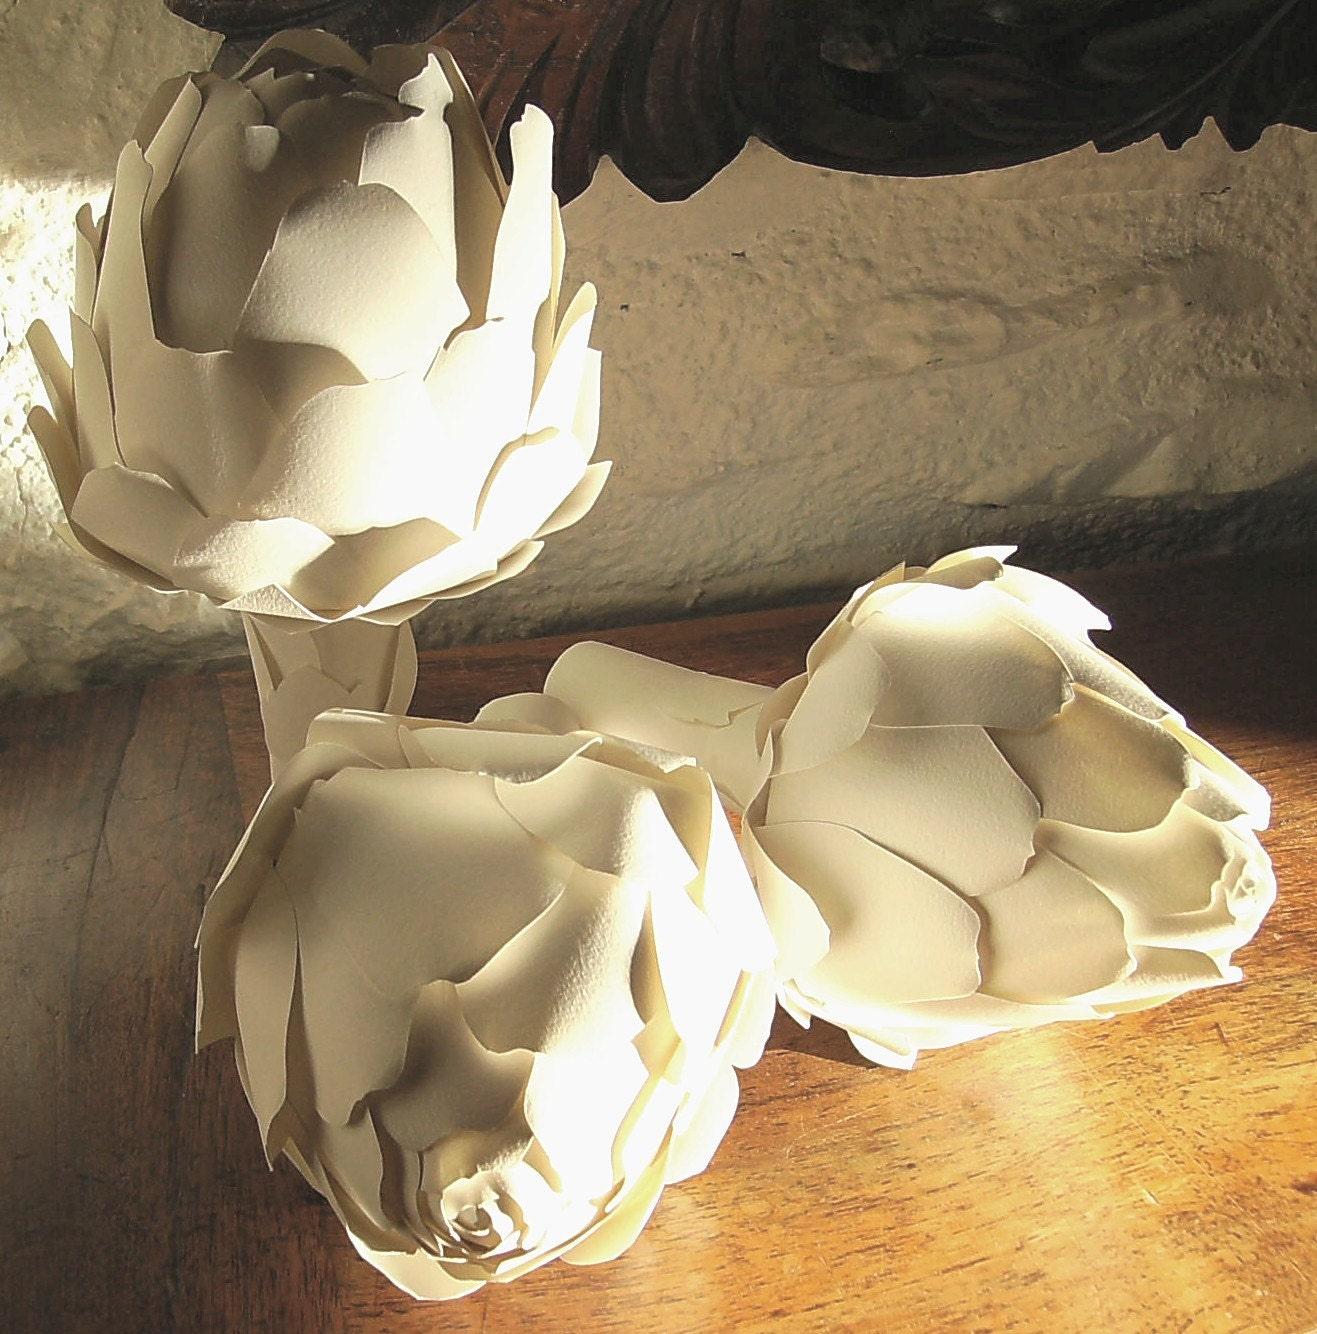 Artichokes, paper sculpture